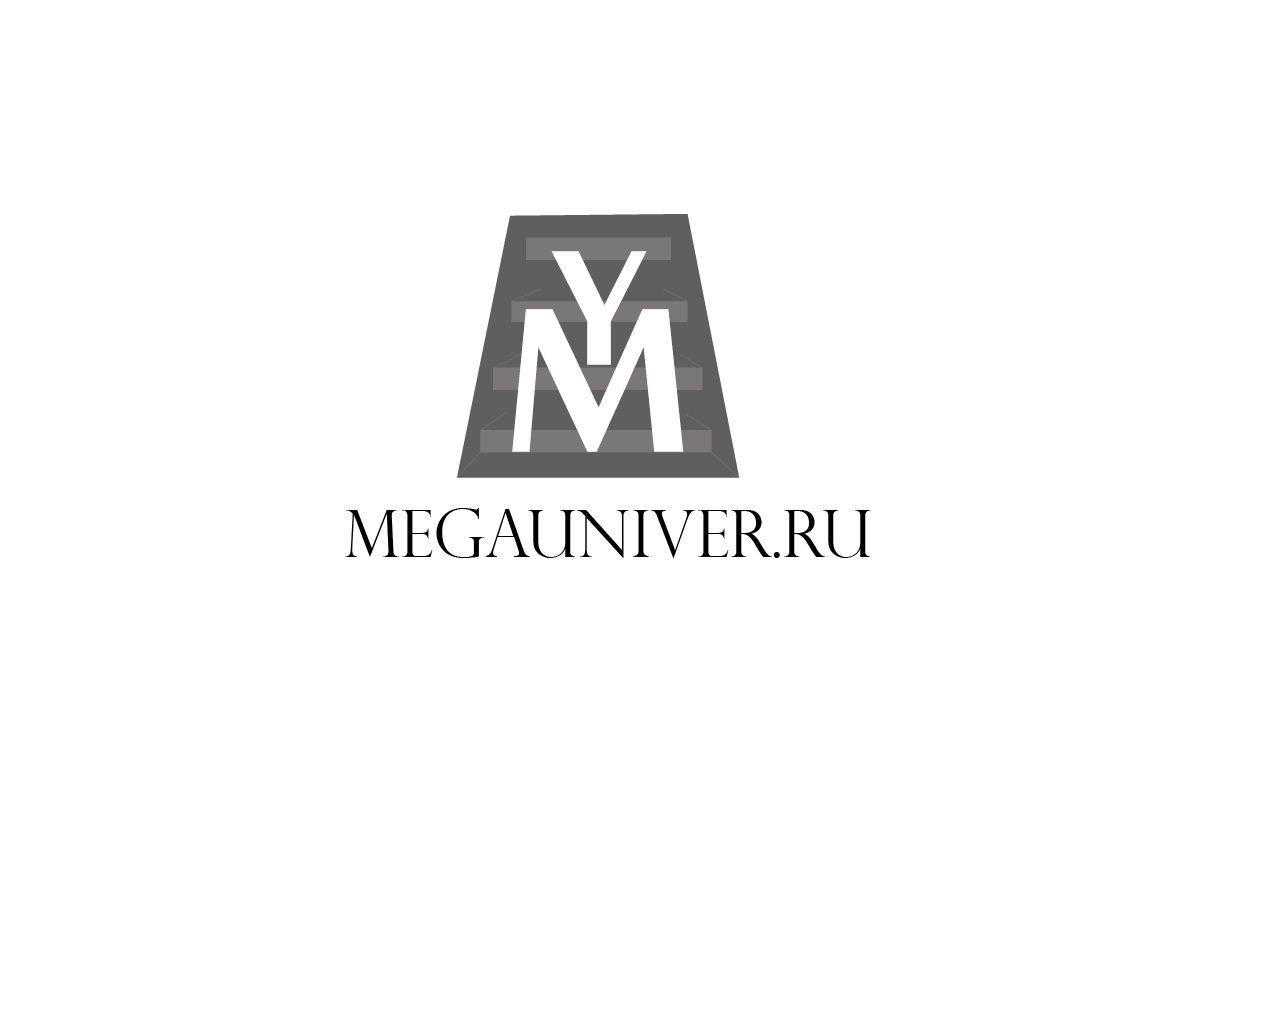 Разработка логотипа для сайта megauniver.ru - дизайнер BeSSpaloFF